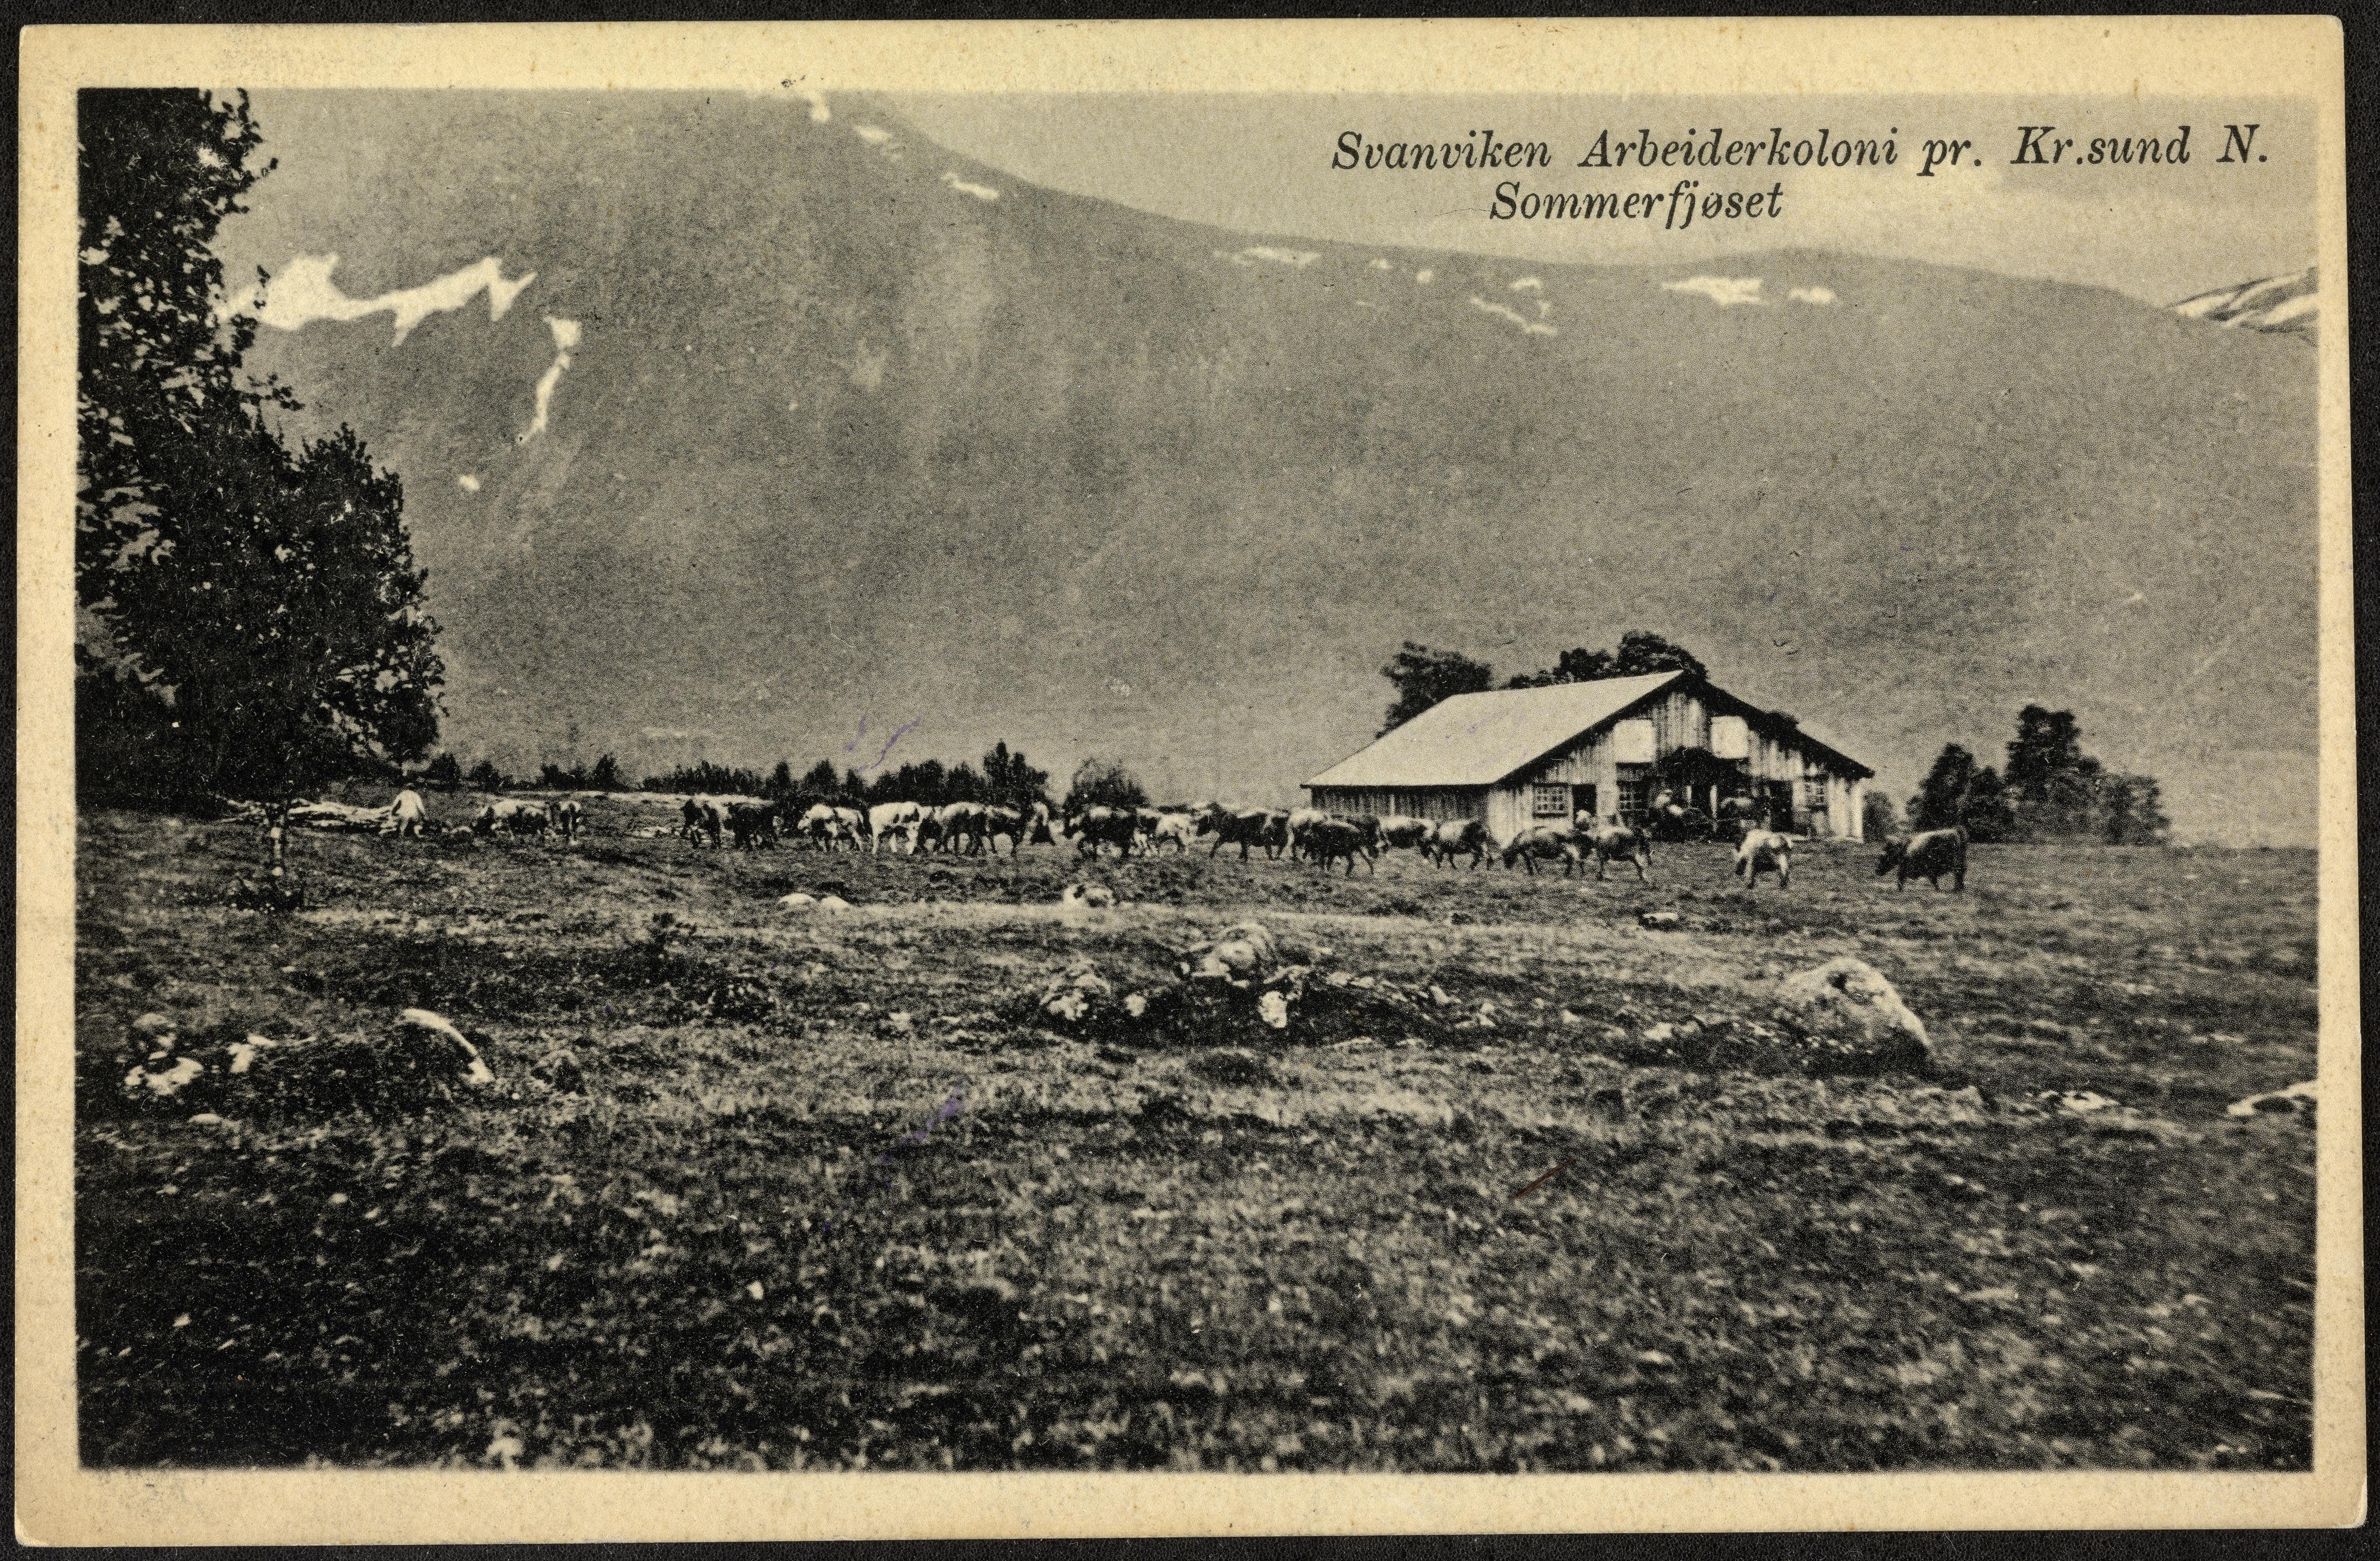 Svanviken Arbeiderkoloni pr. Kr. sund N. Sommerfjøset